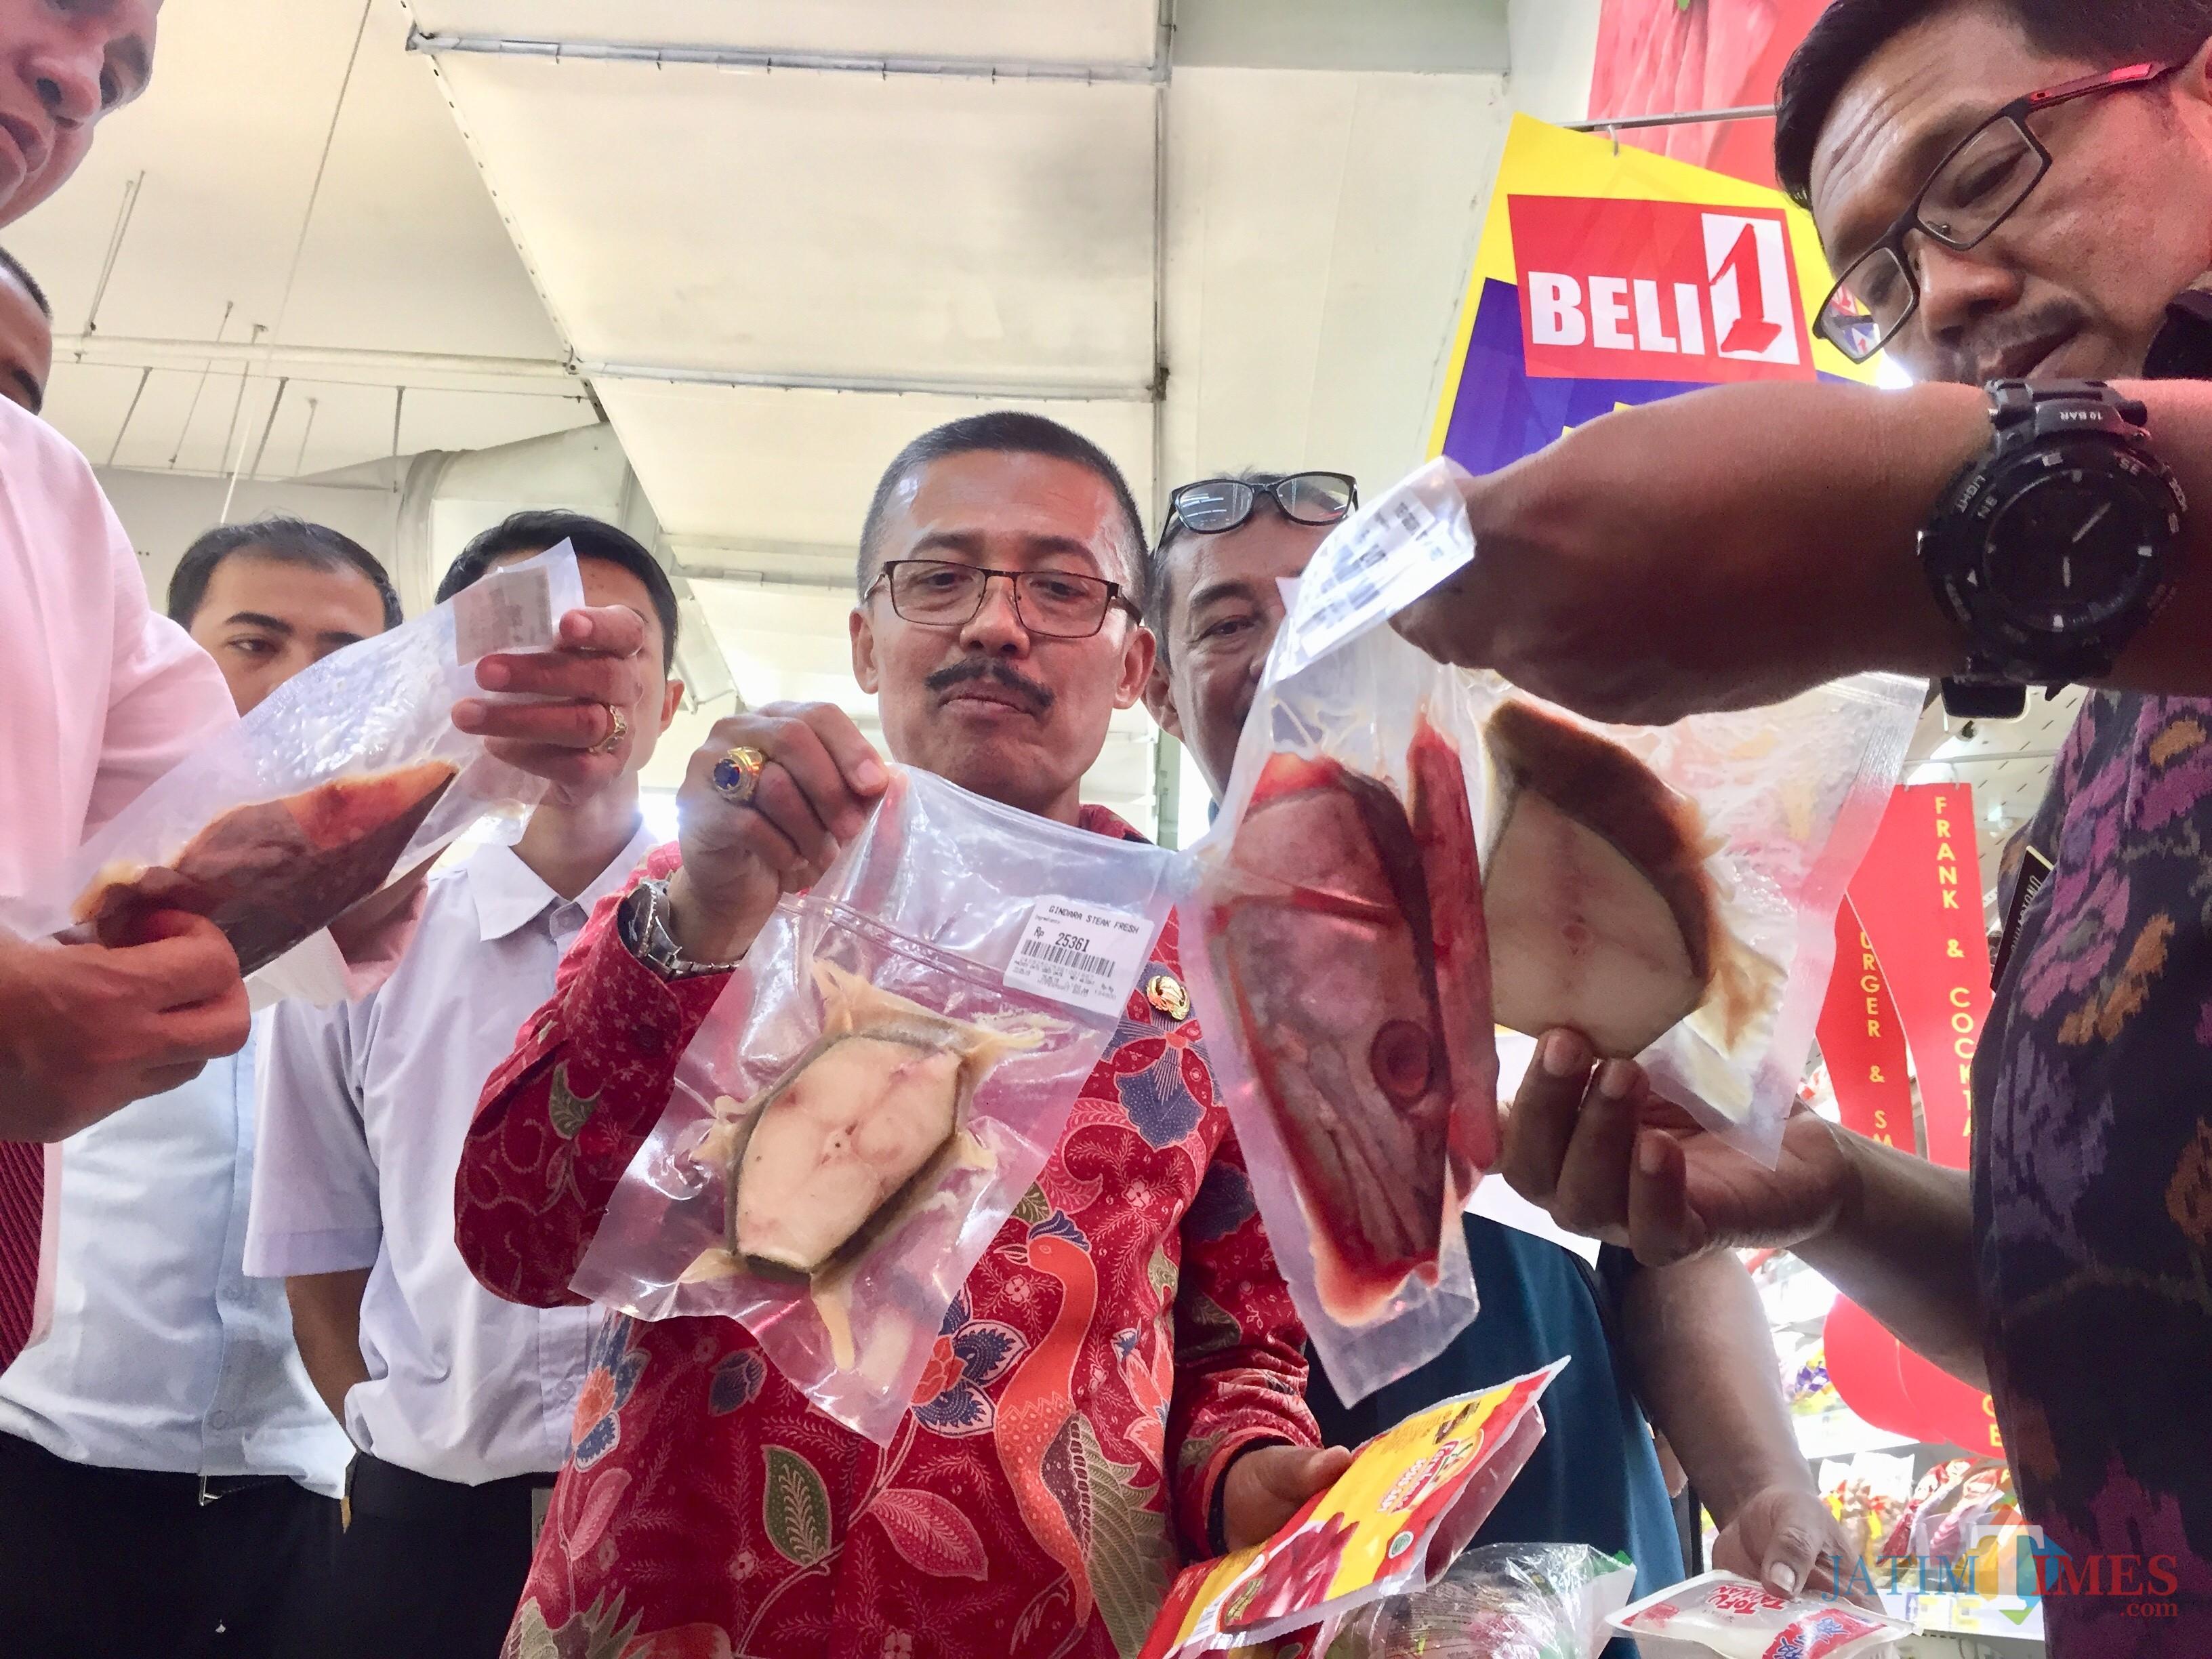 Wakil Wali Kota Batu Punjul Santoso saat menunjukkan ikan kadaluarsa di salah satu supermarket di Kota Batu, Selasa (28/5/2019). (Foto: Irsya Richa/MalangTIMES)